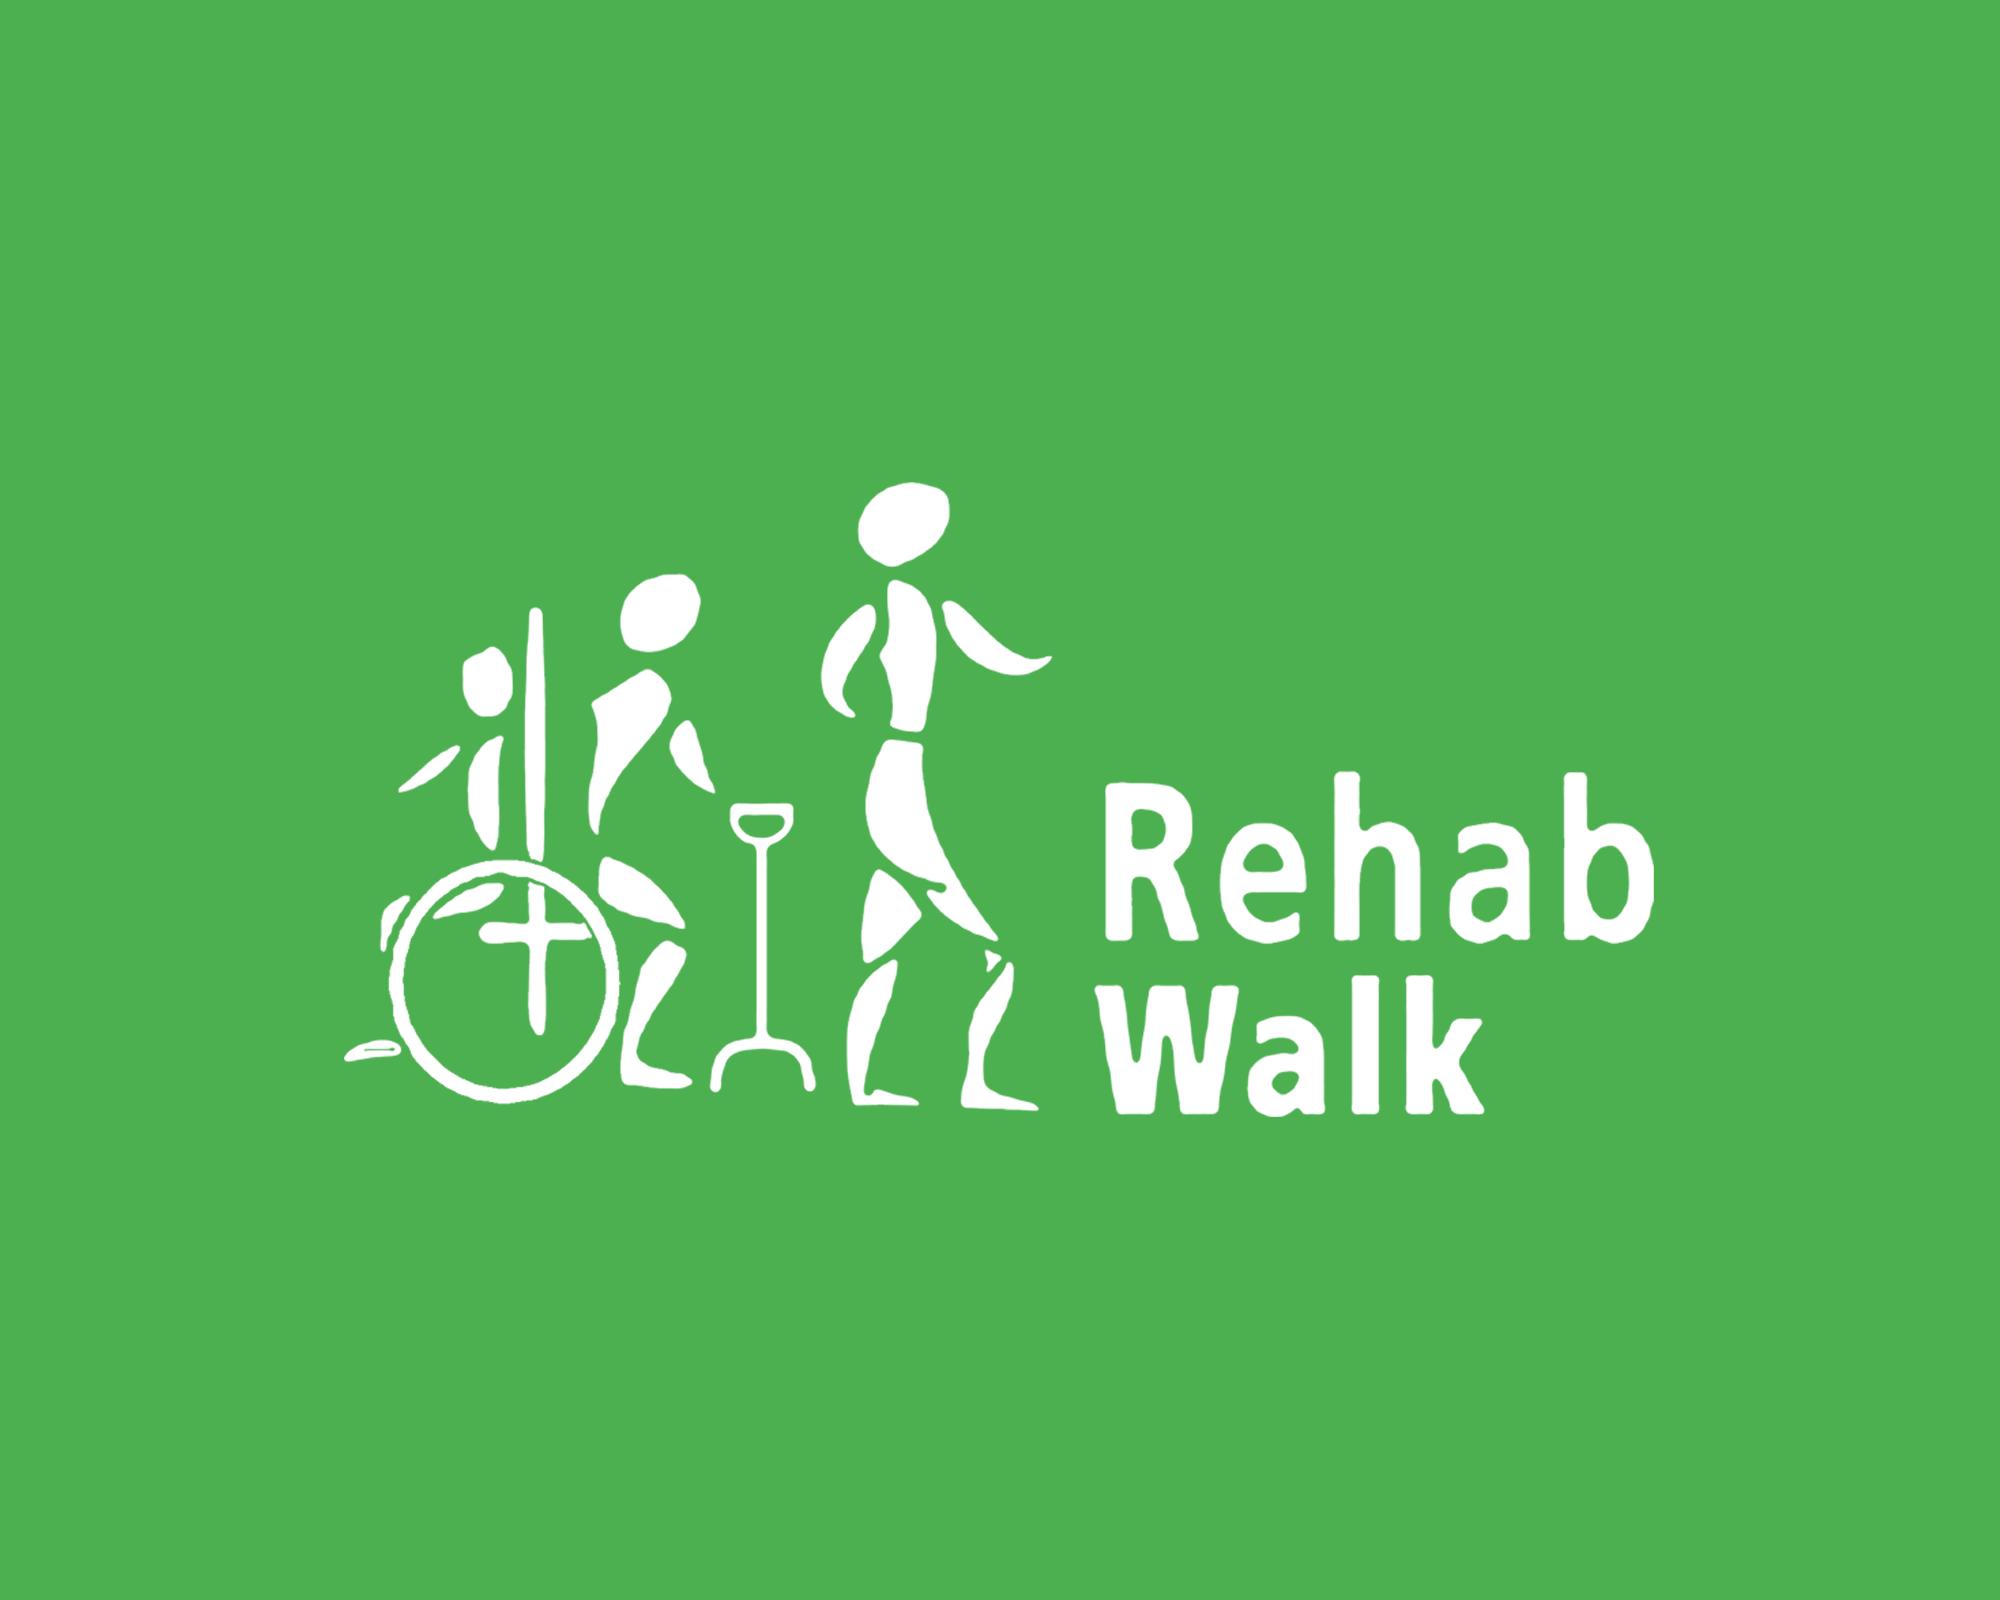 rehab walk Logo